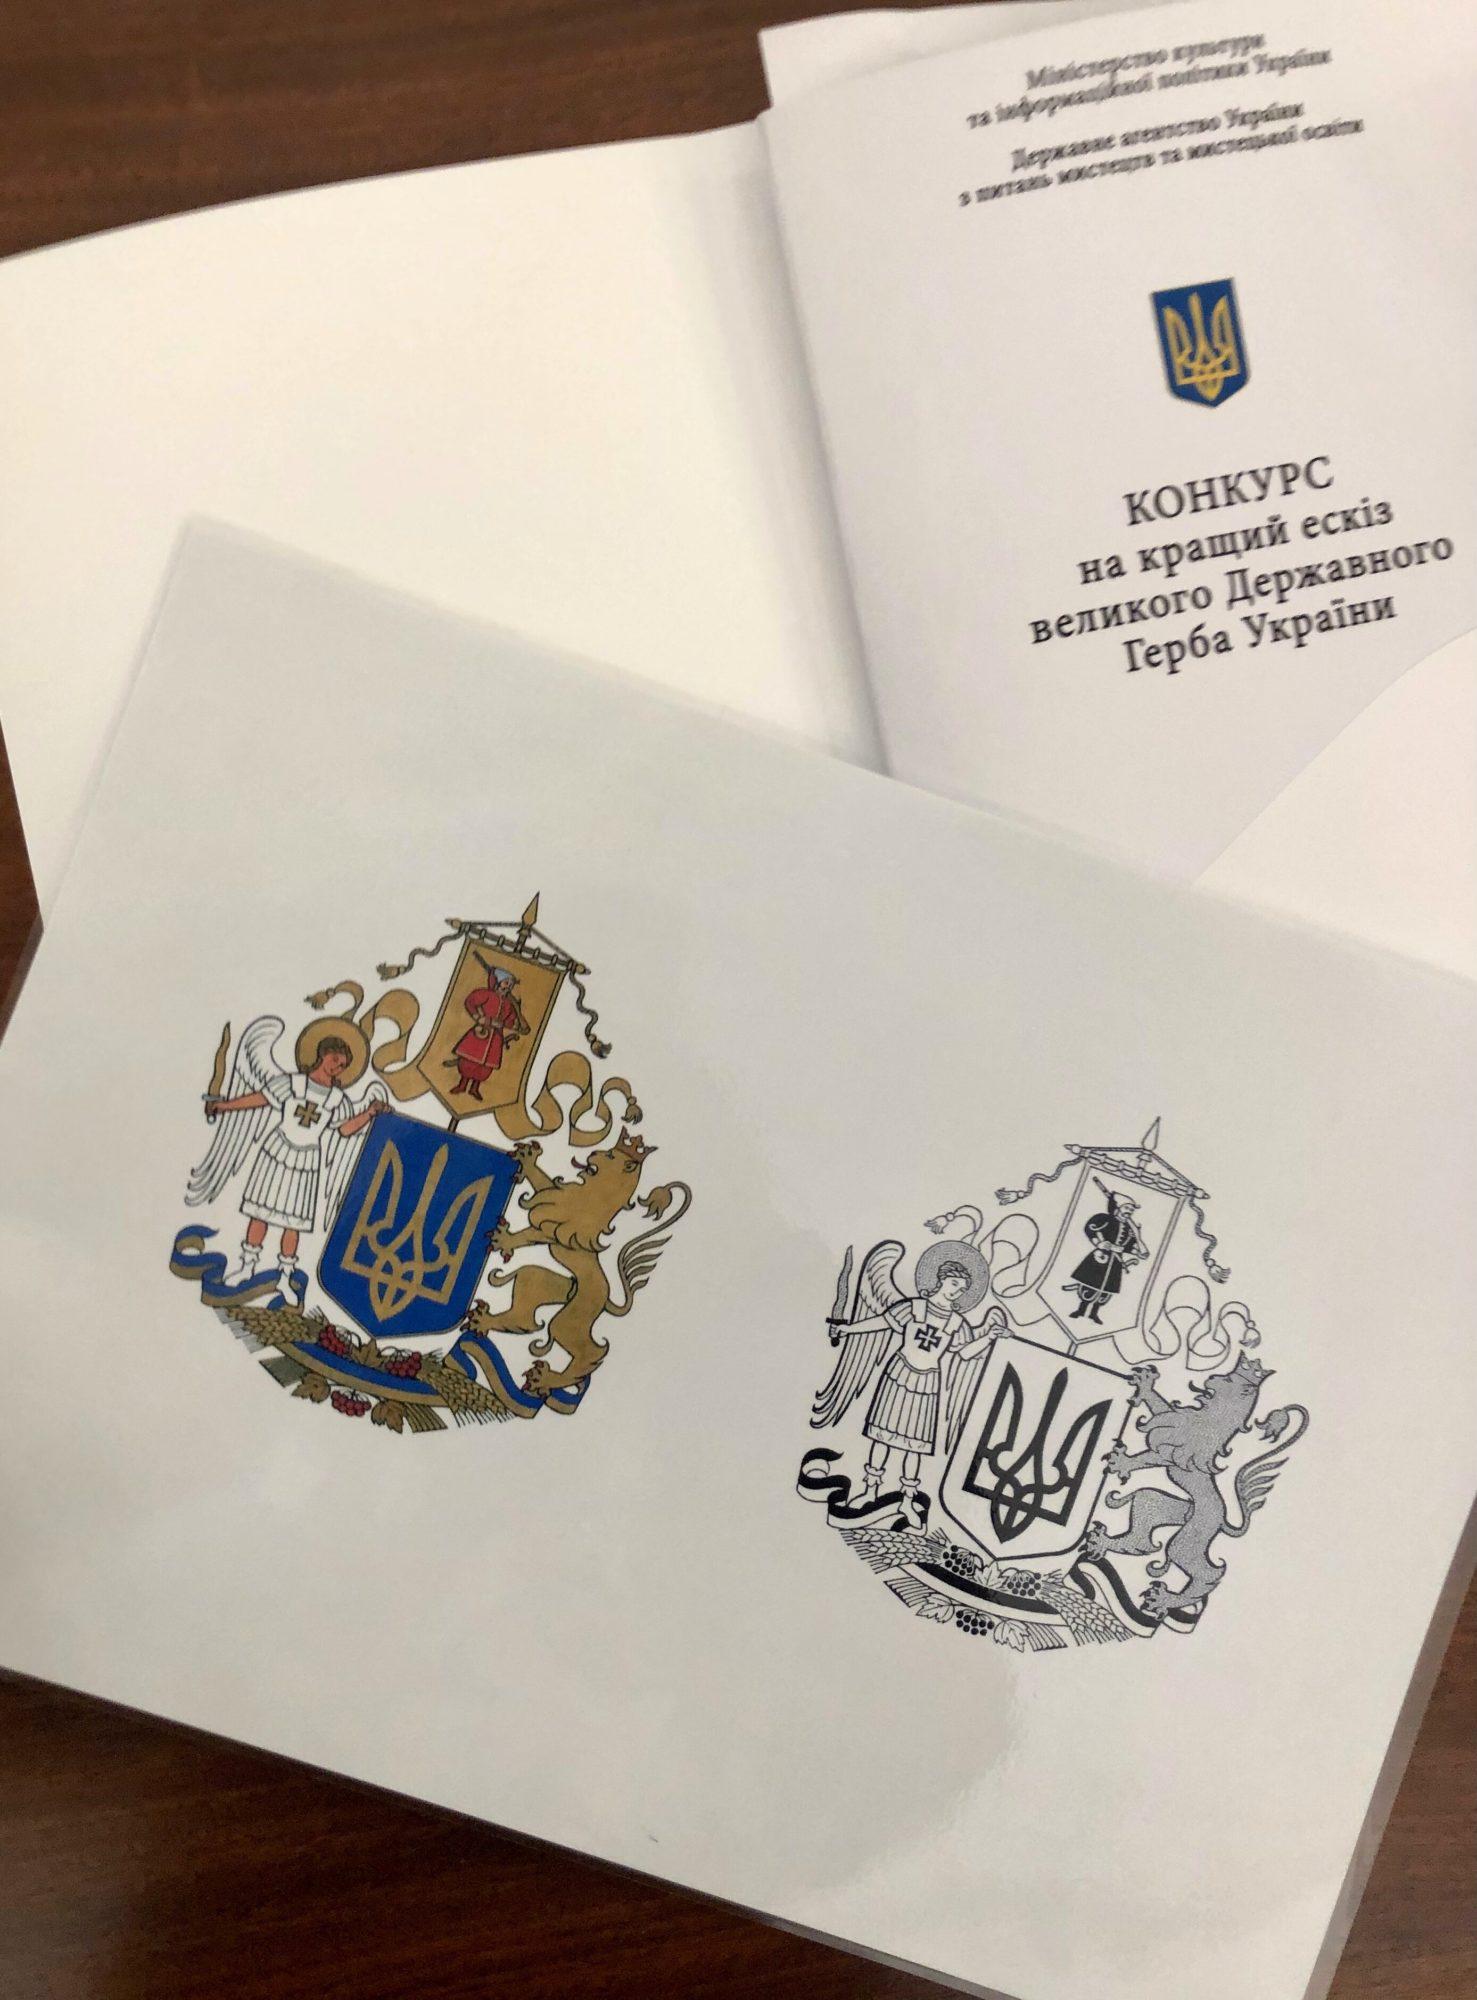 Конкурс завершено: який ескіз великого Державного герба України визнали кращим - конкурс, Зеленський, держава - IMG 8264 1477x2000